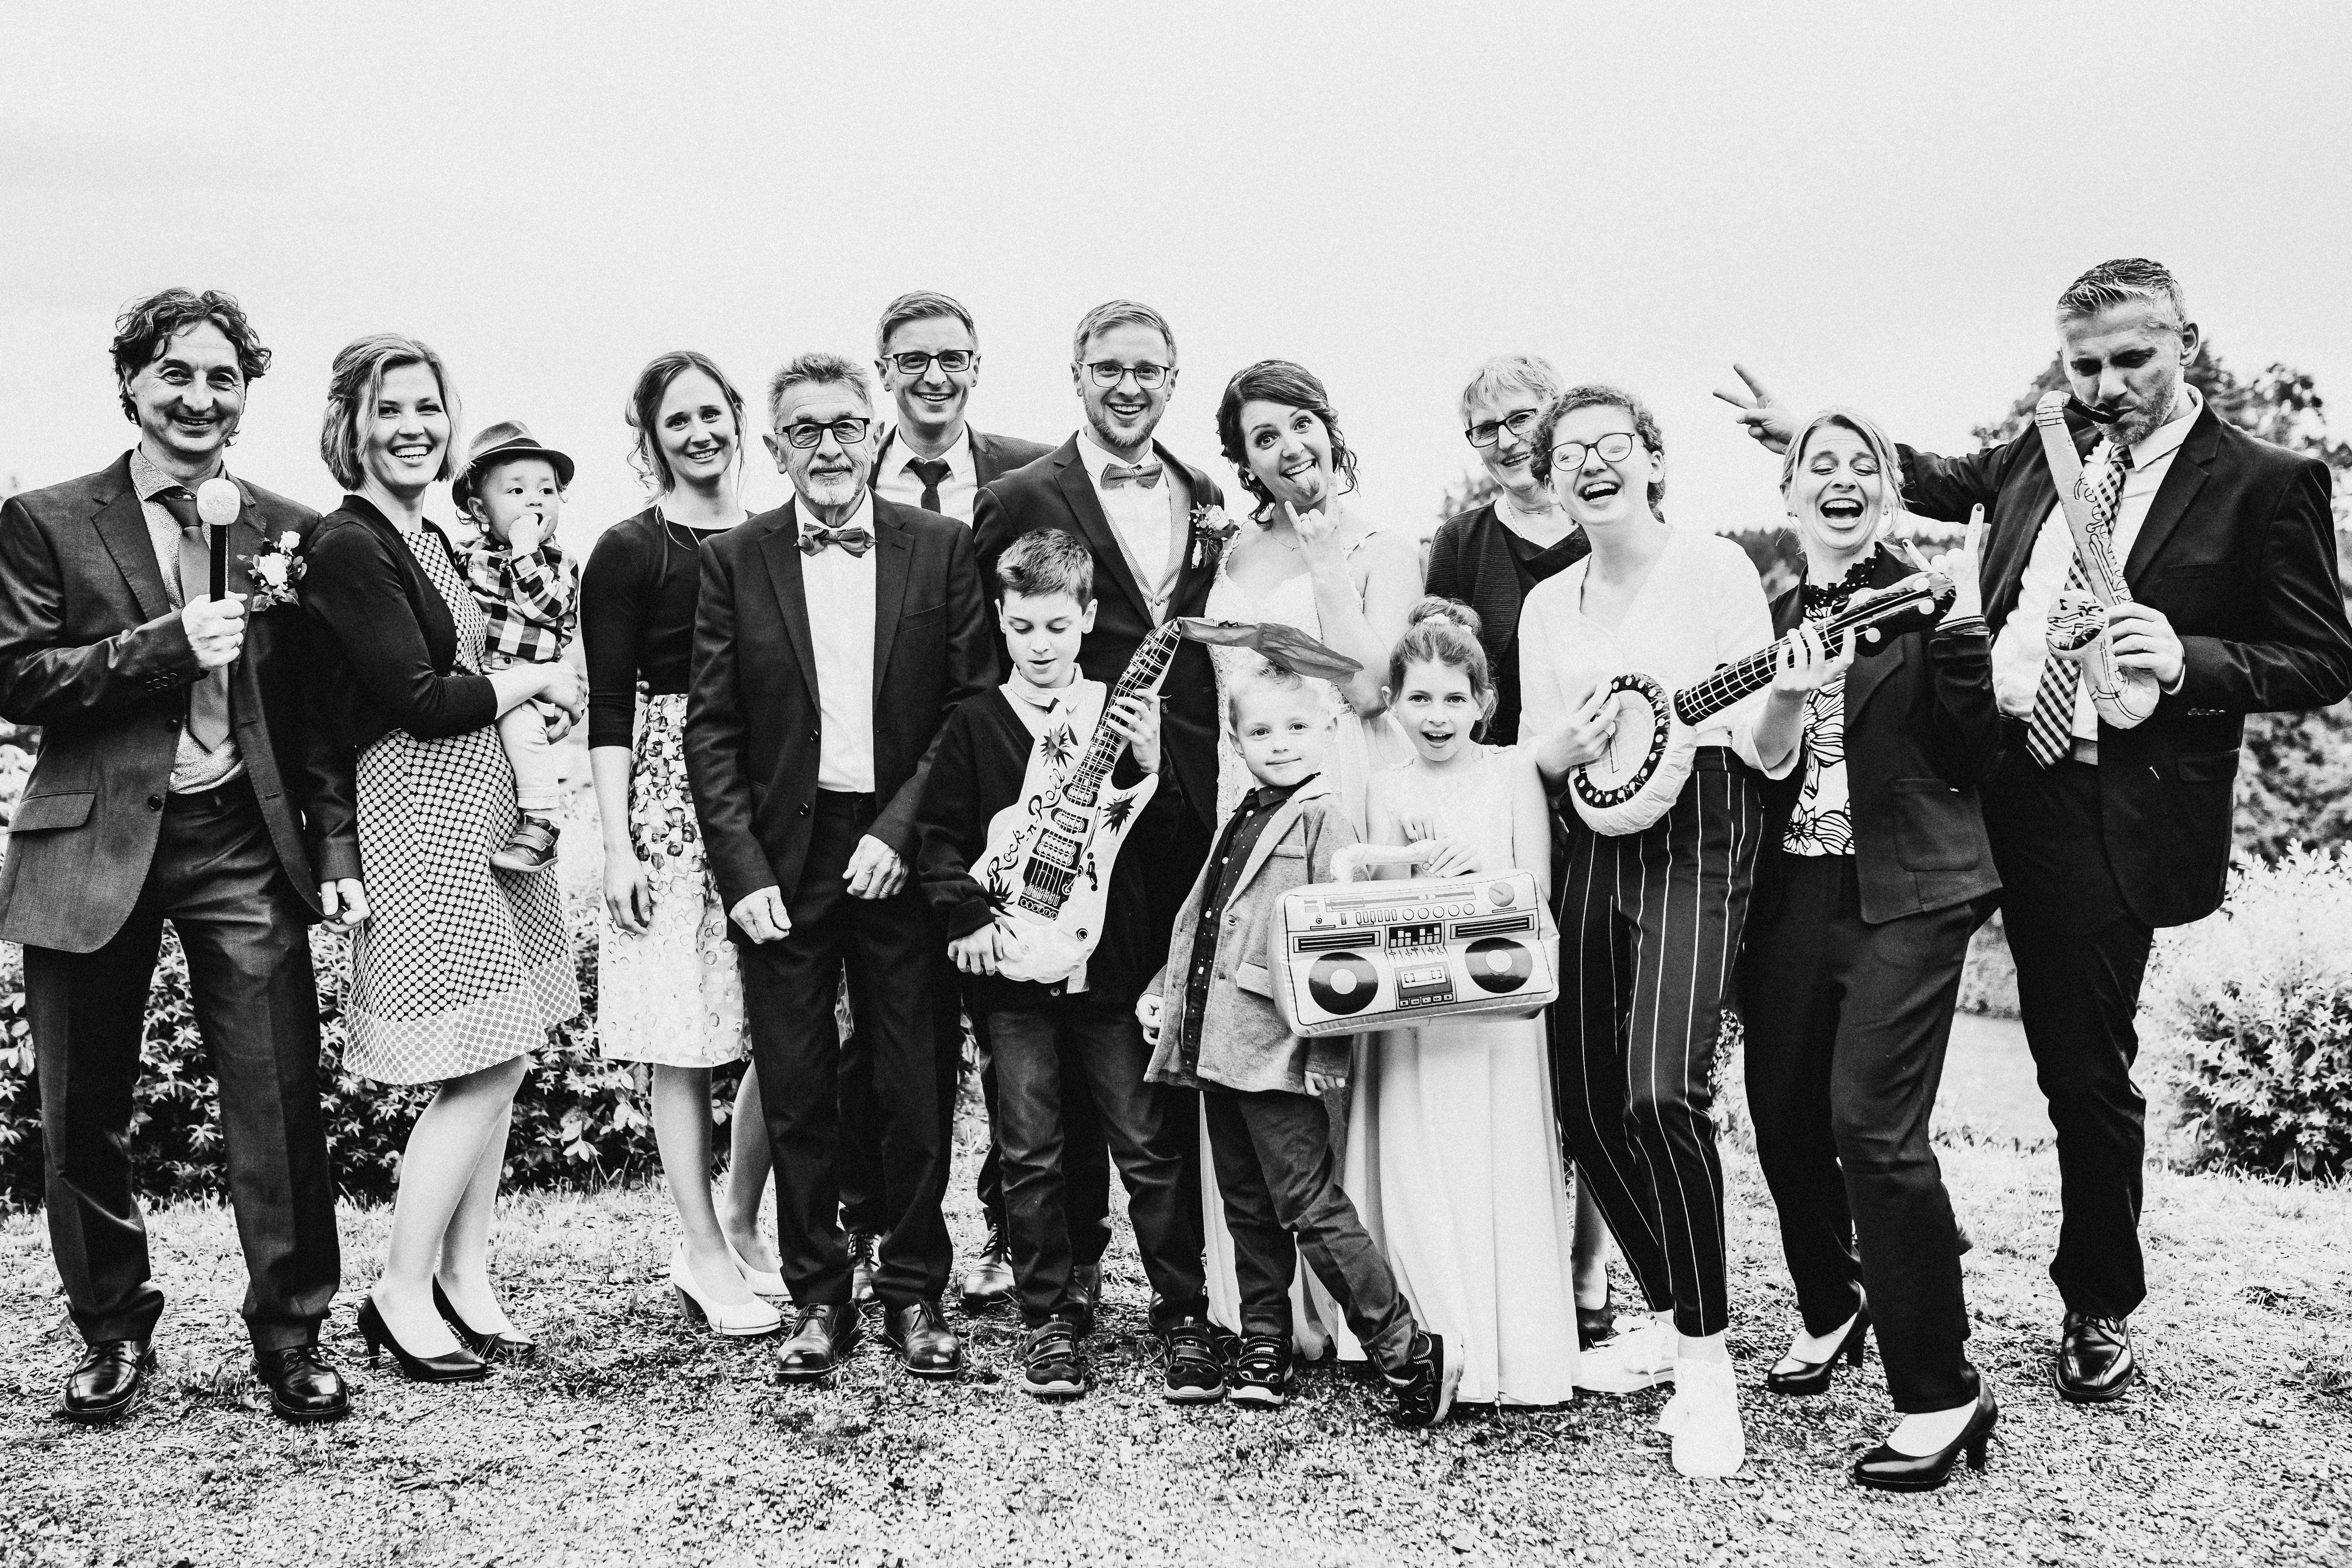 Hochzeitsfotograf Saarland - Fotograf Kai Kreutzer 1900151 - Saarbrücken, Saarlouis, Luxemburg